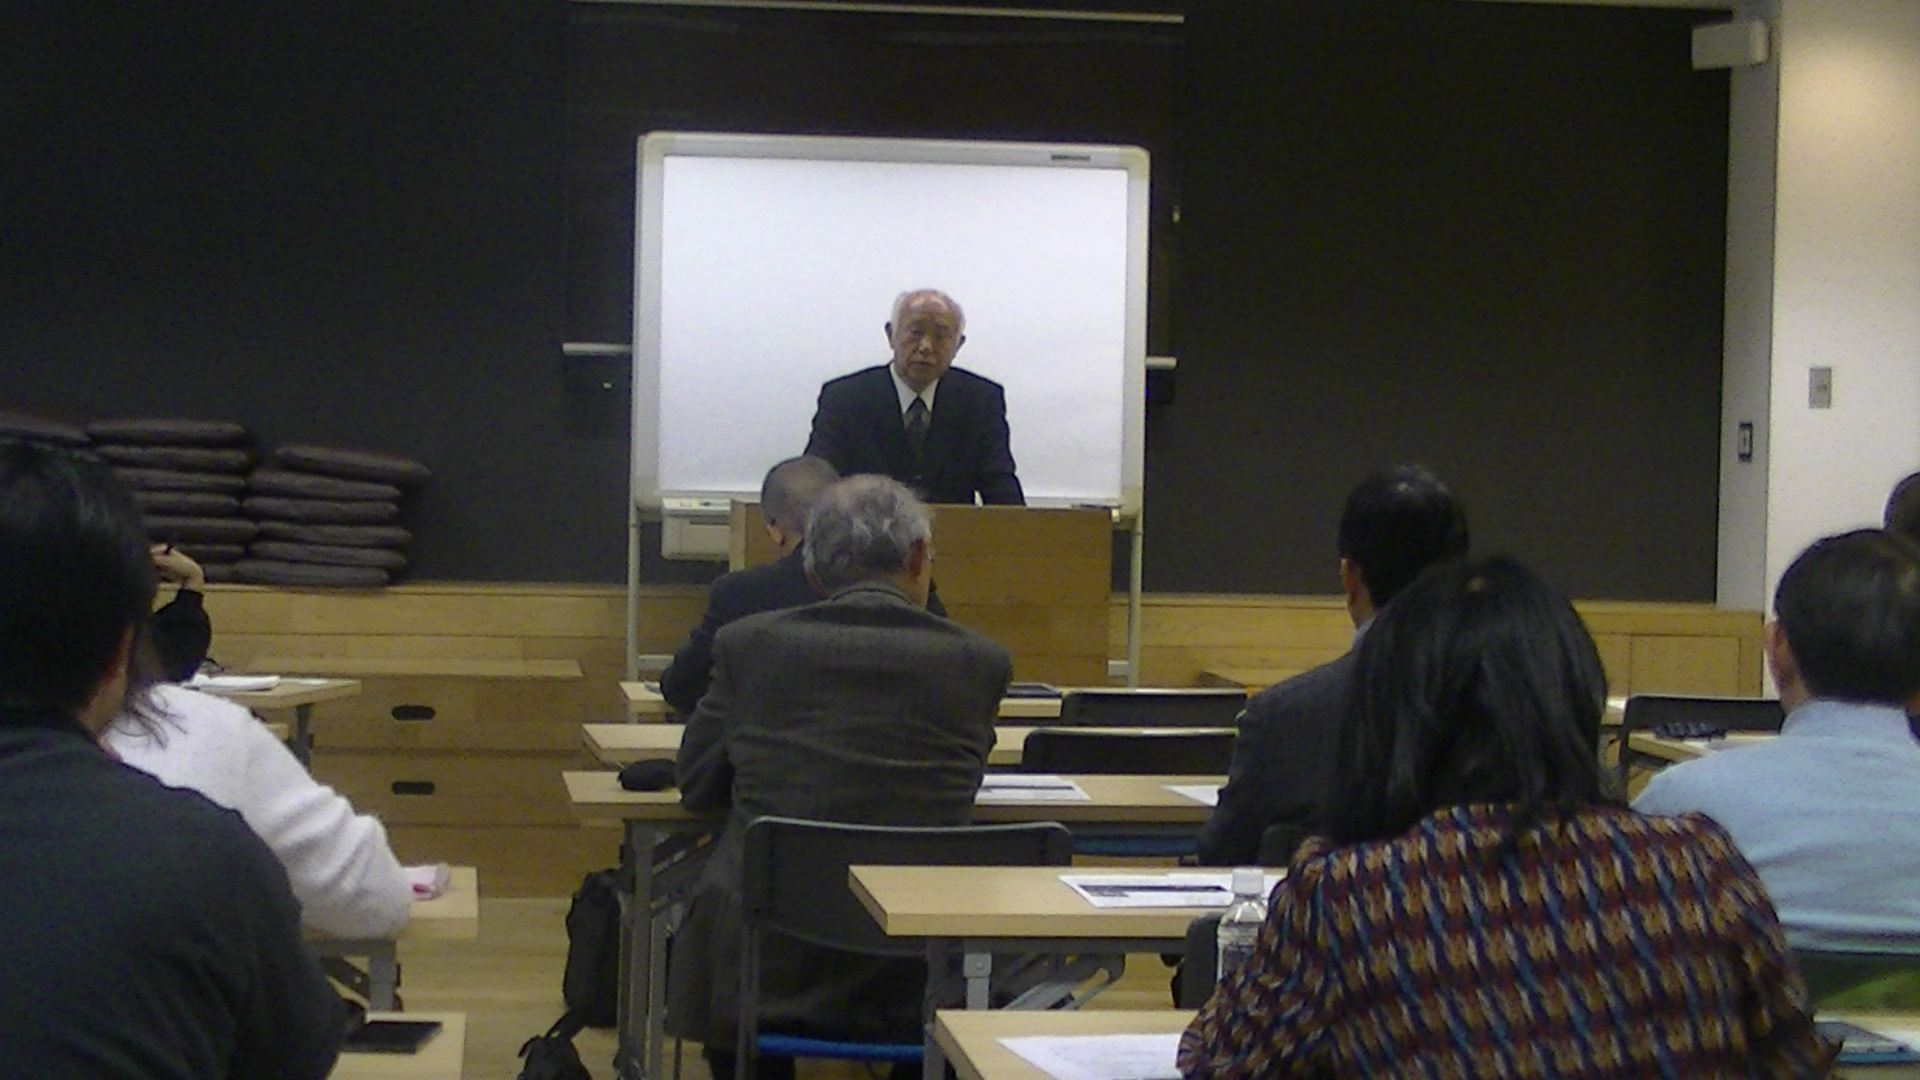 PIC 0089 - 平成30年度 東京思風塾2月3日開催しました。